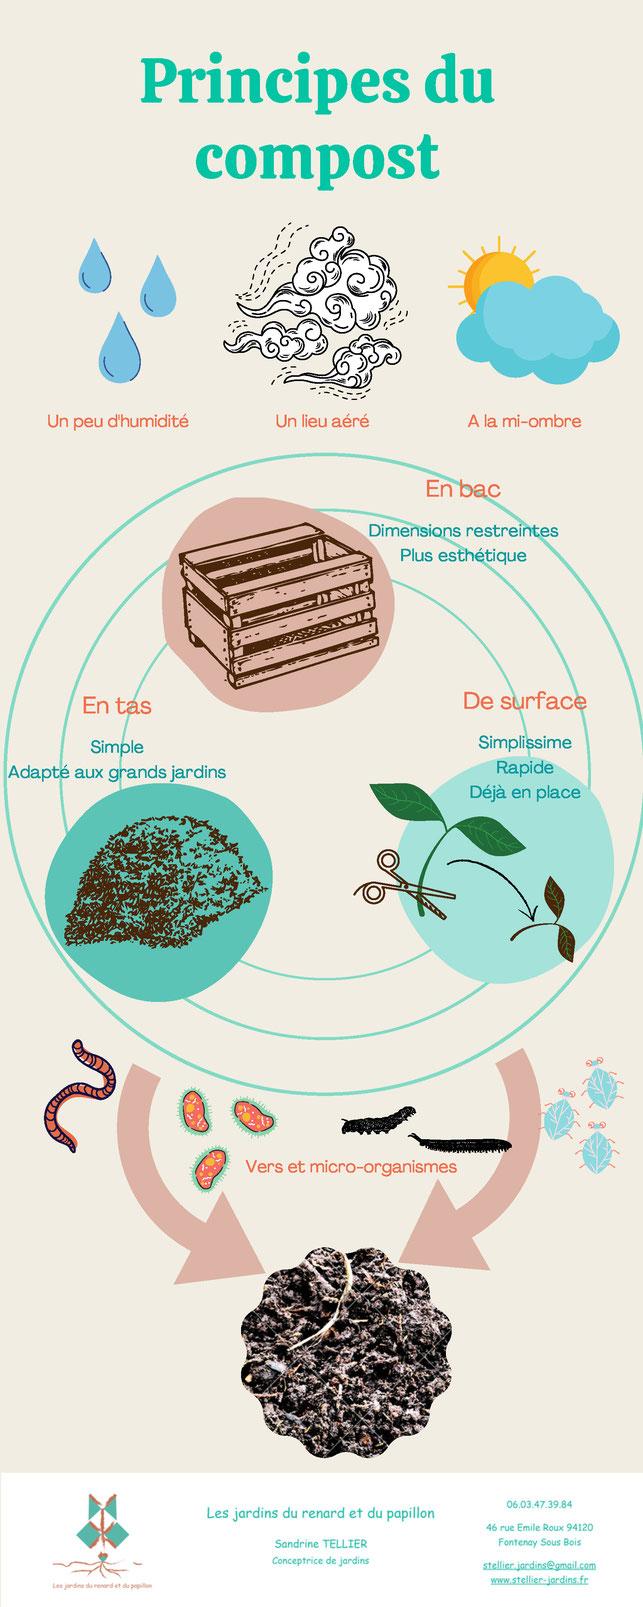 Comment faire du compost - Principes